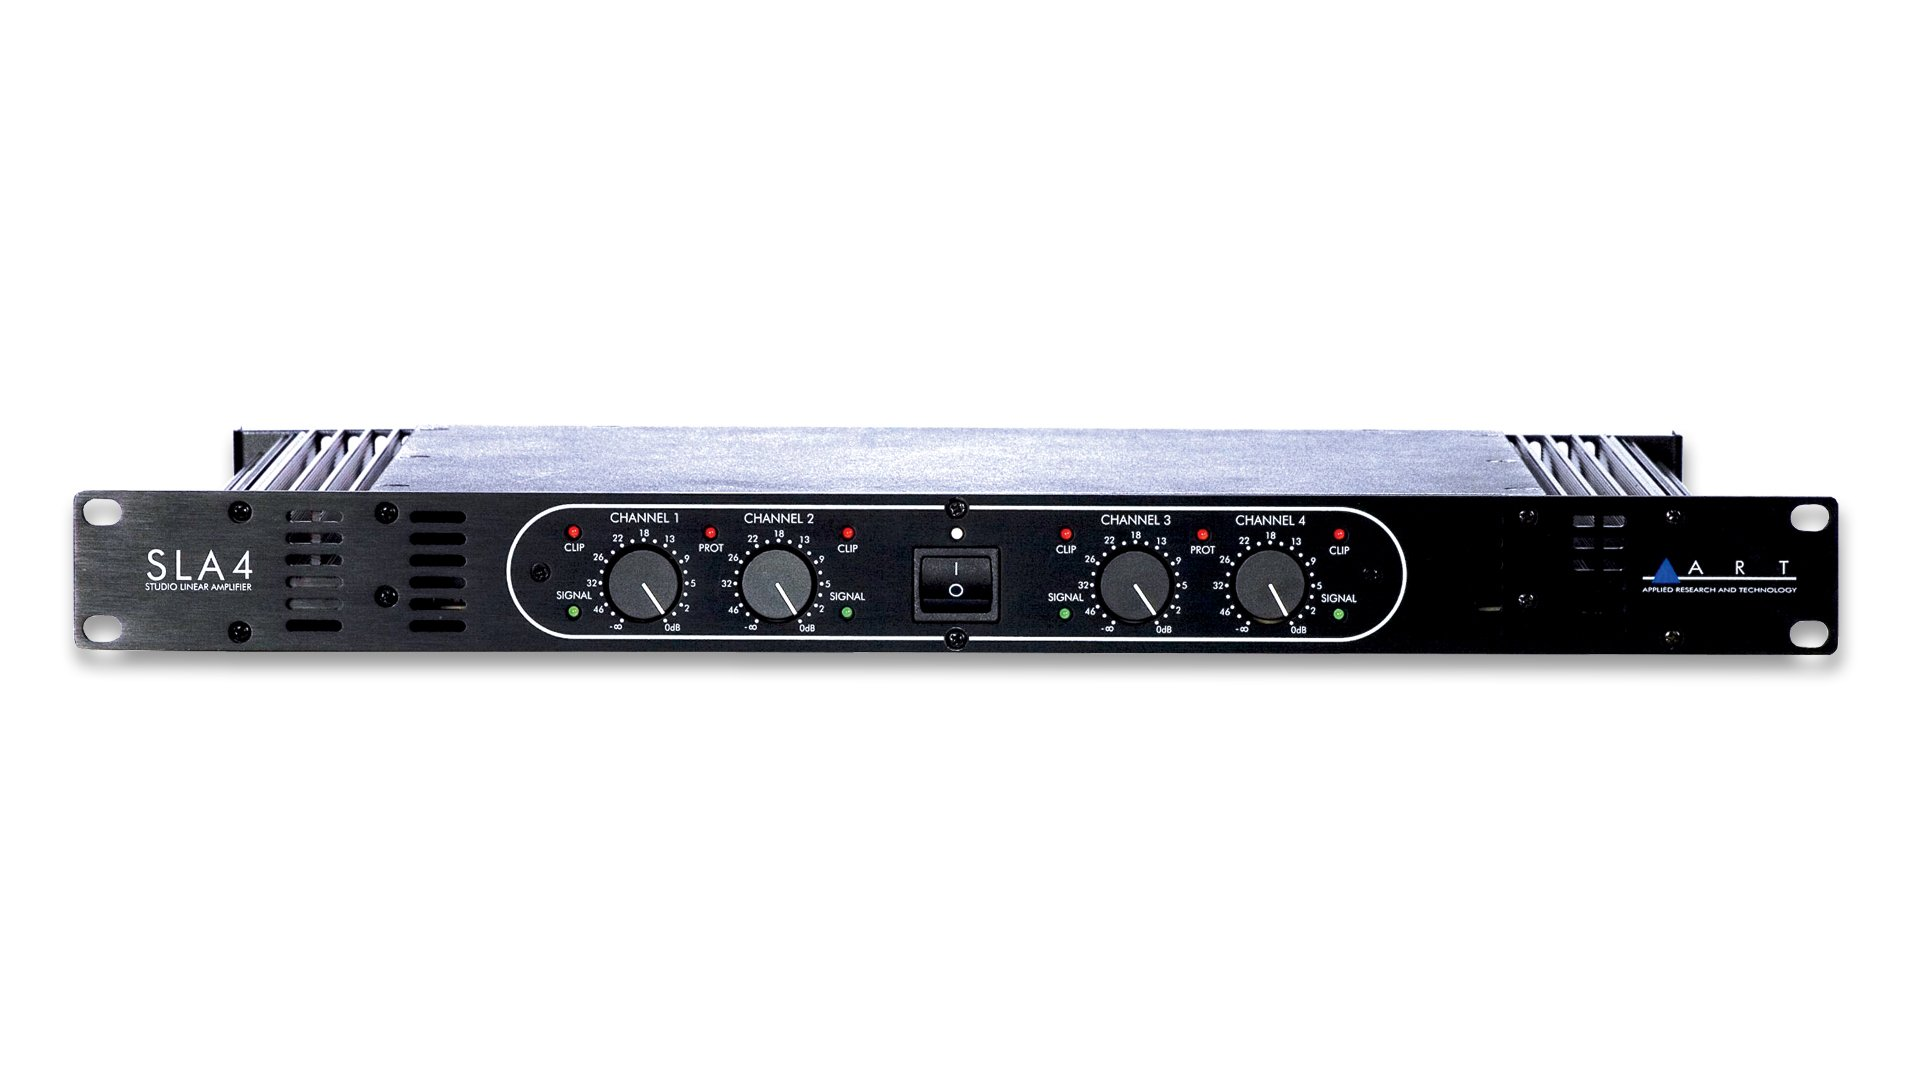 Amplifier 4x100W/Ch @ 8 Ohms